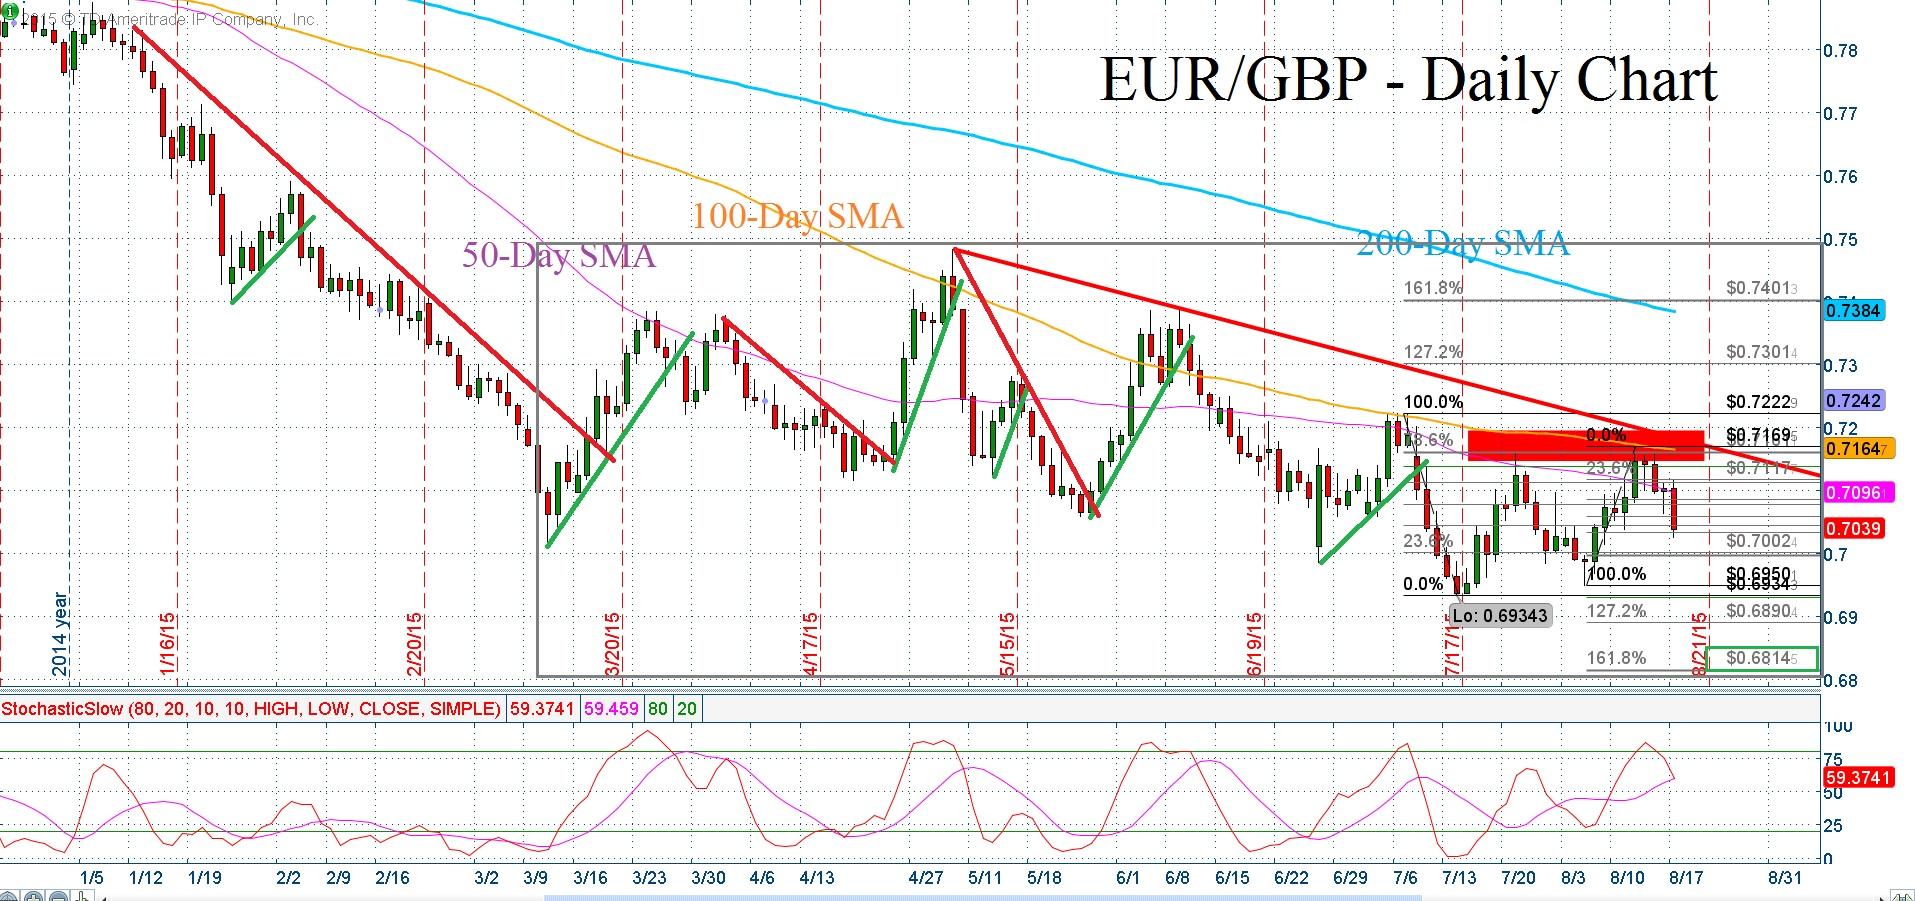 WWM EURGBP AUG 18 2015